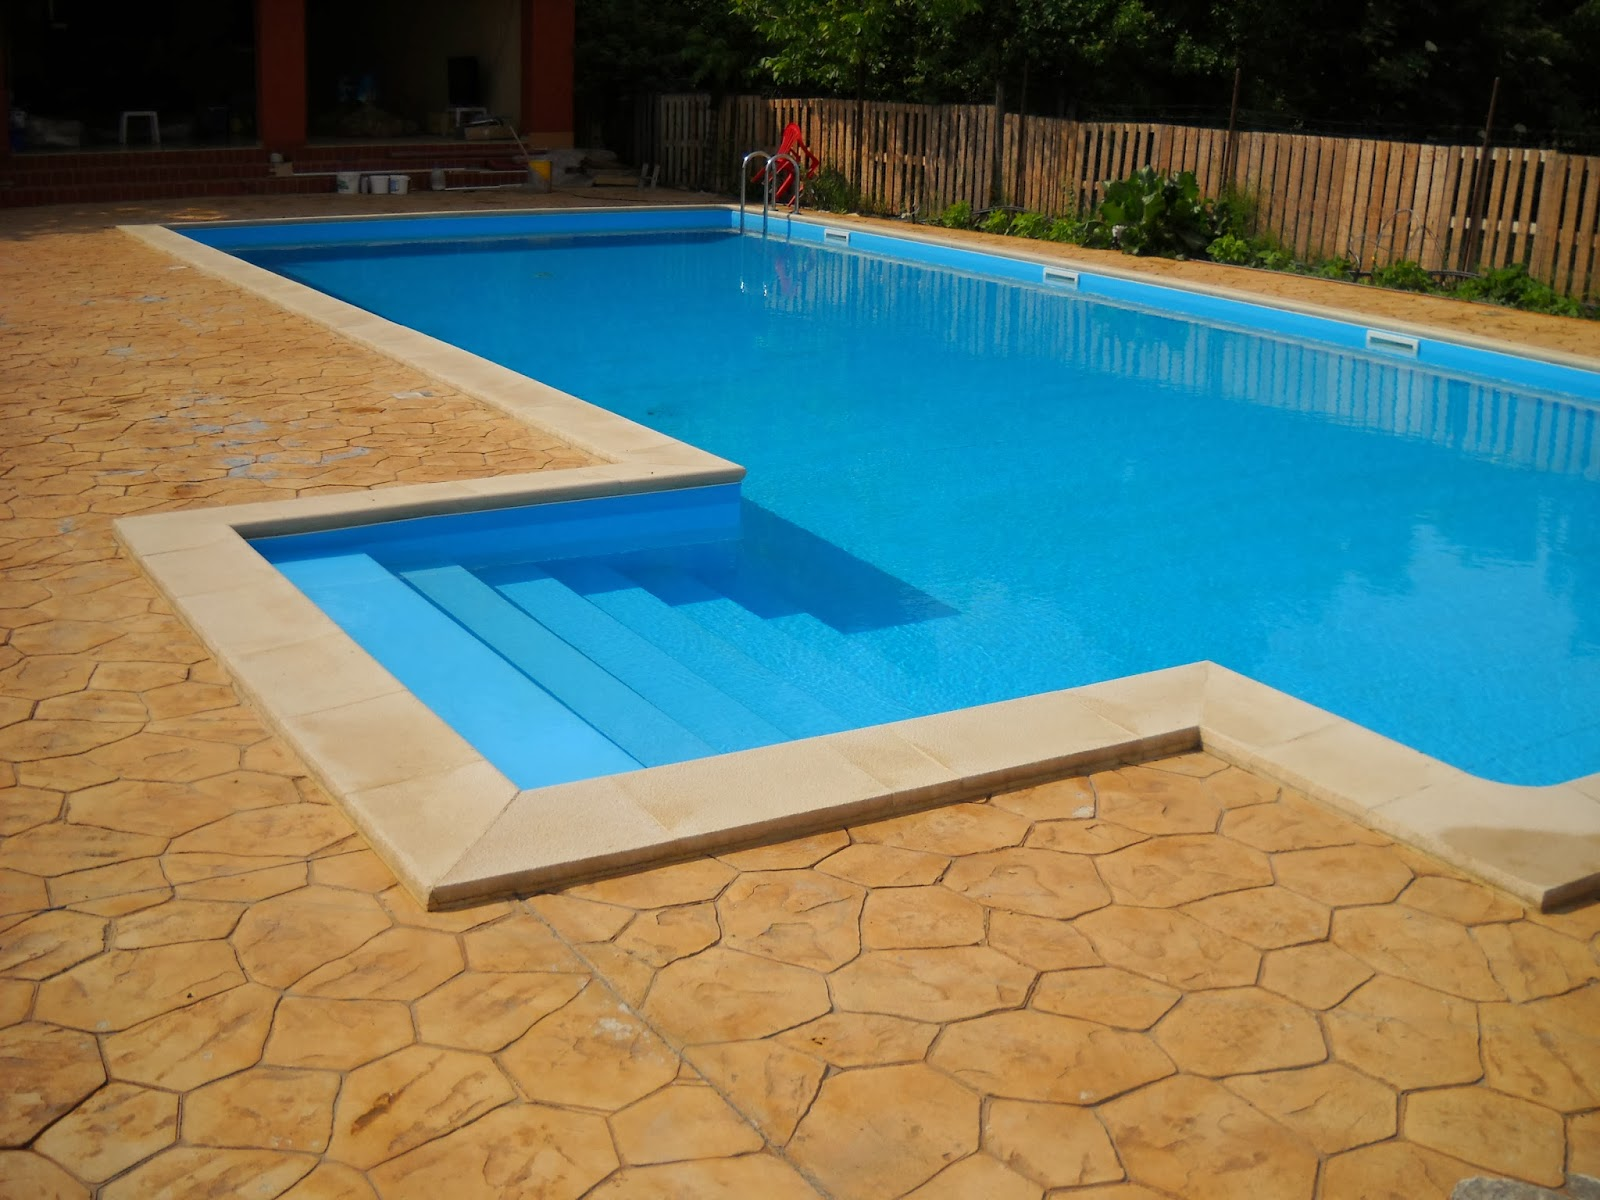 Cum mentinem apa curata in piscina?